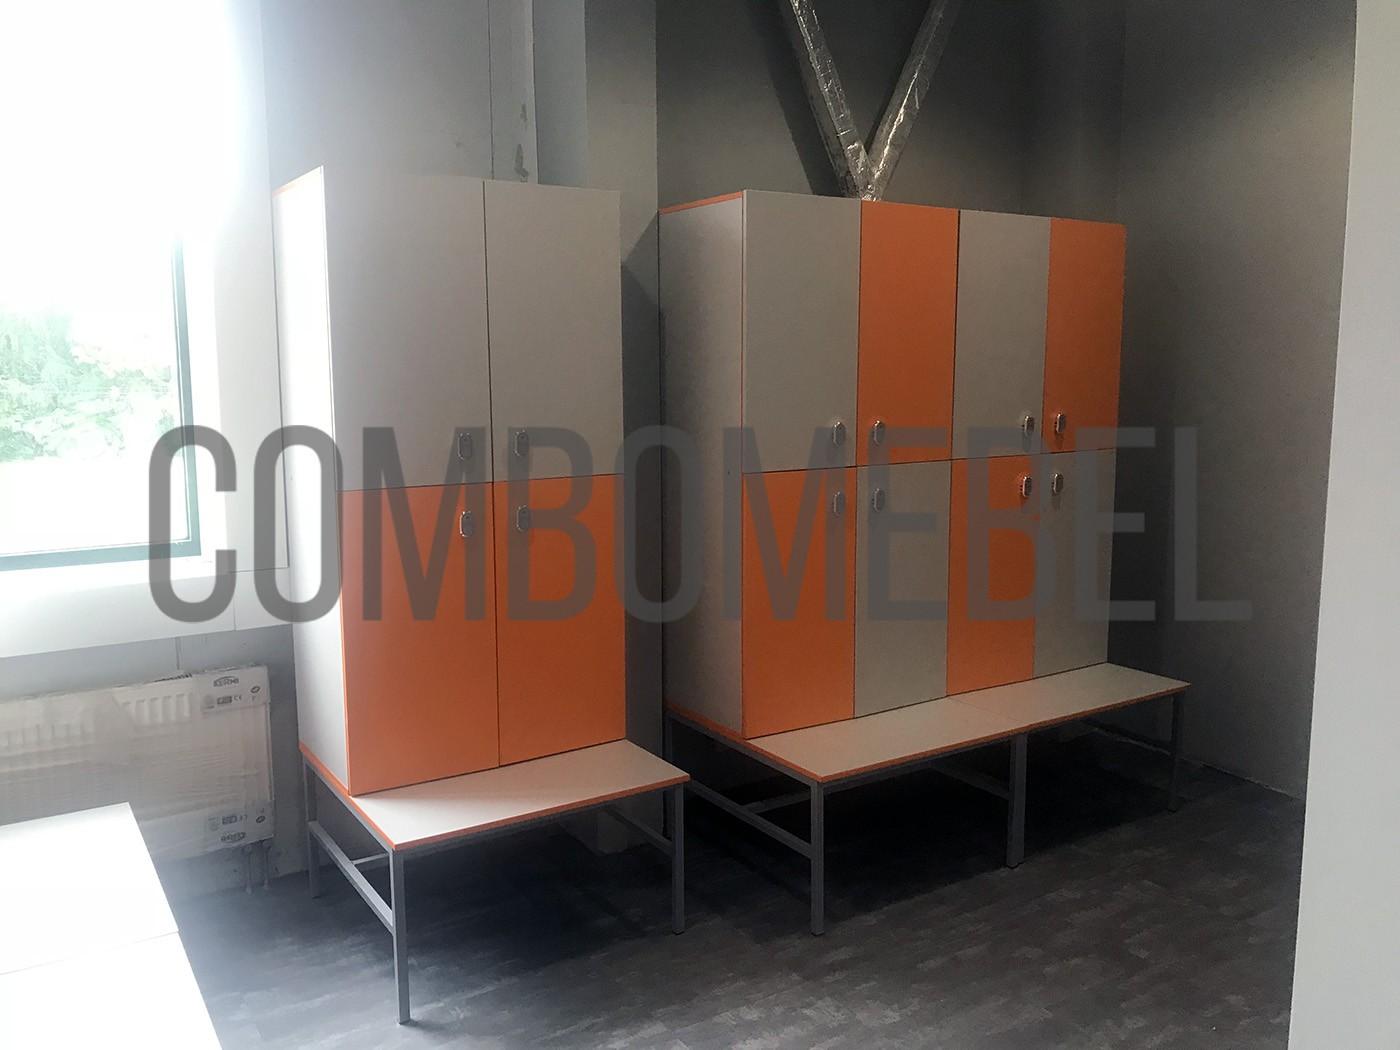 Дешевые шкафчики для раздевалок на основании из металлокаркаса